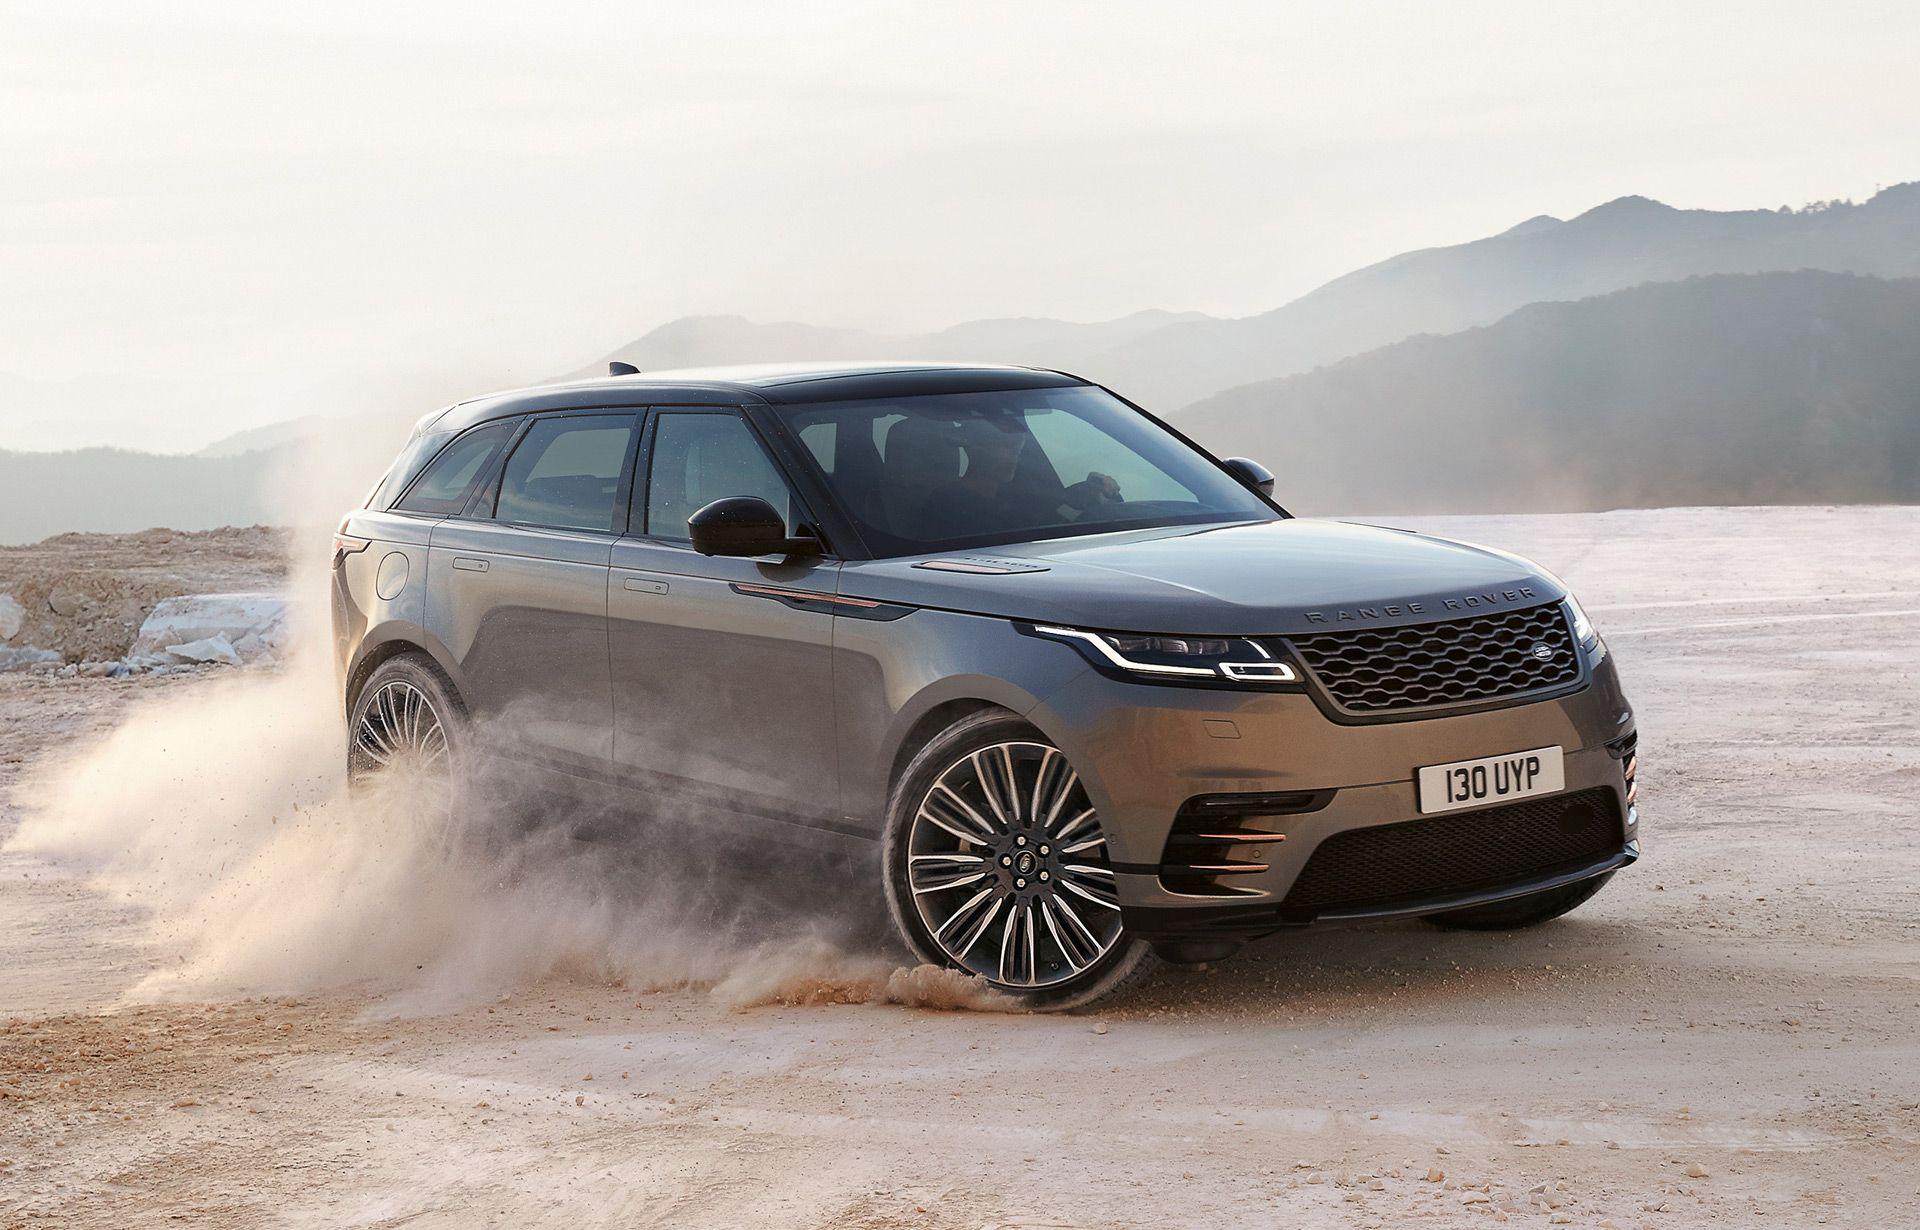 2018 Land Rover Range Rover Velar Review, Ratings, Specs